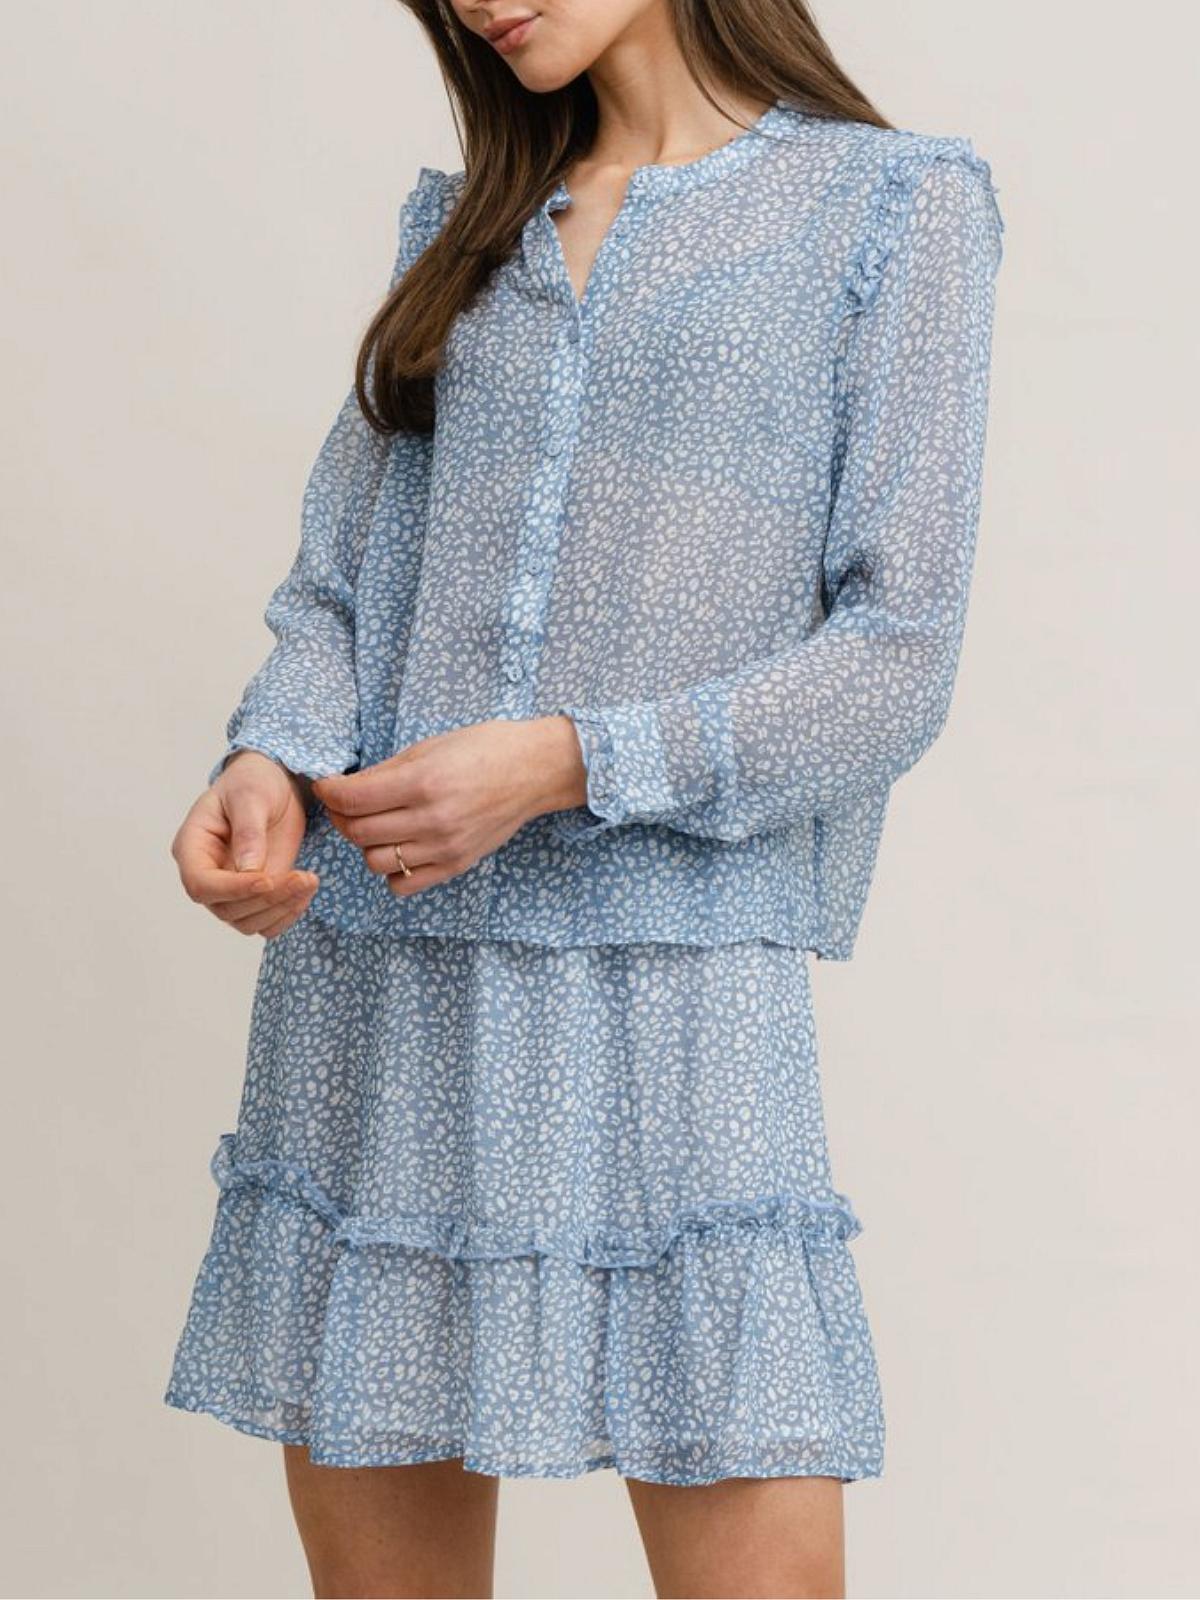 Vivian Bloes Blauw